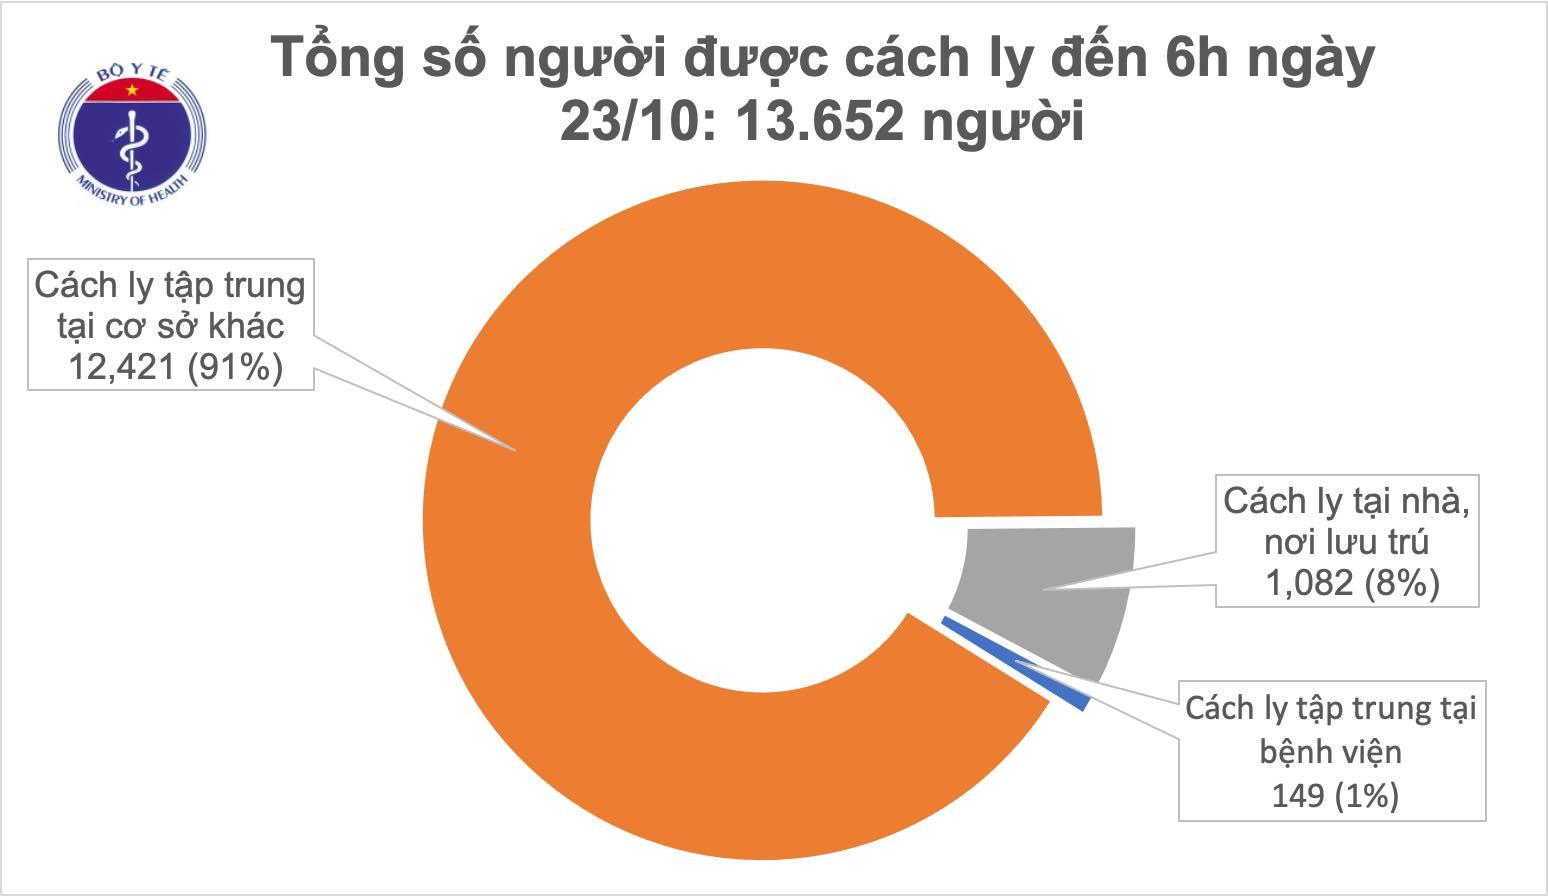 Sáng 23/10, Việt Nam không ca mắc mới COVID-19, tình hình dịch thế giới diễn biến phức tạp 0